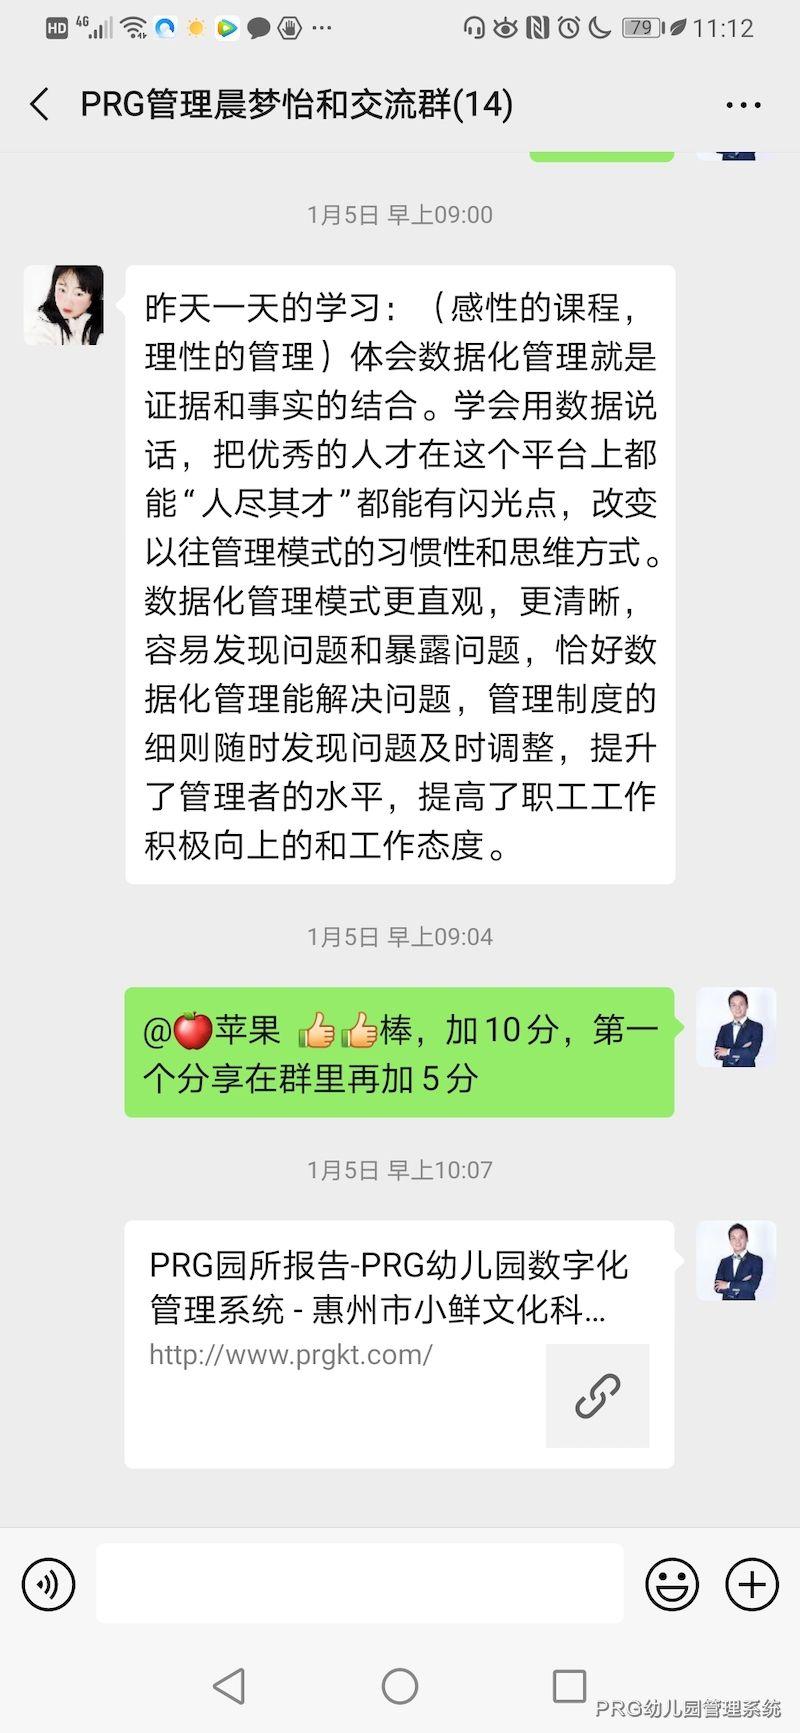 晨梦、怡和幼儿园PRG<a href=https://www.xiaoxianprg.com/ target=_blank class=infotextkey>幼儿园管理系统</a>学习感言分享6